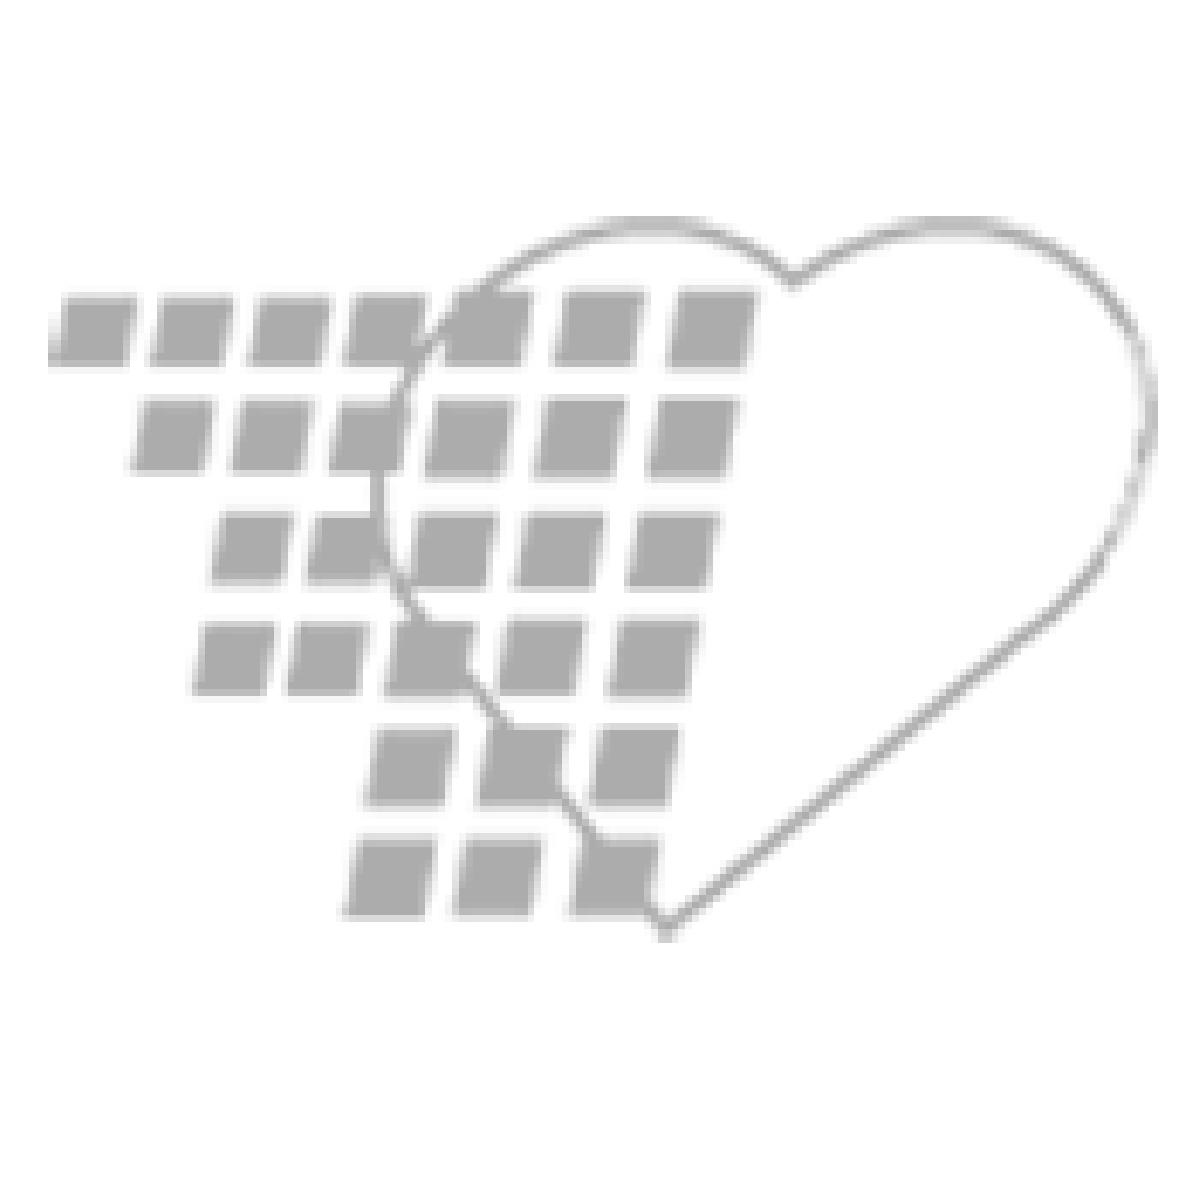 02-92-8260 Body Logic™ Pro Body Fat Analyzer